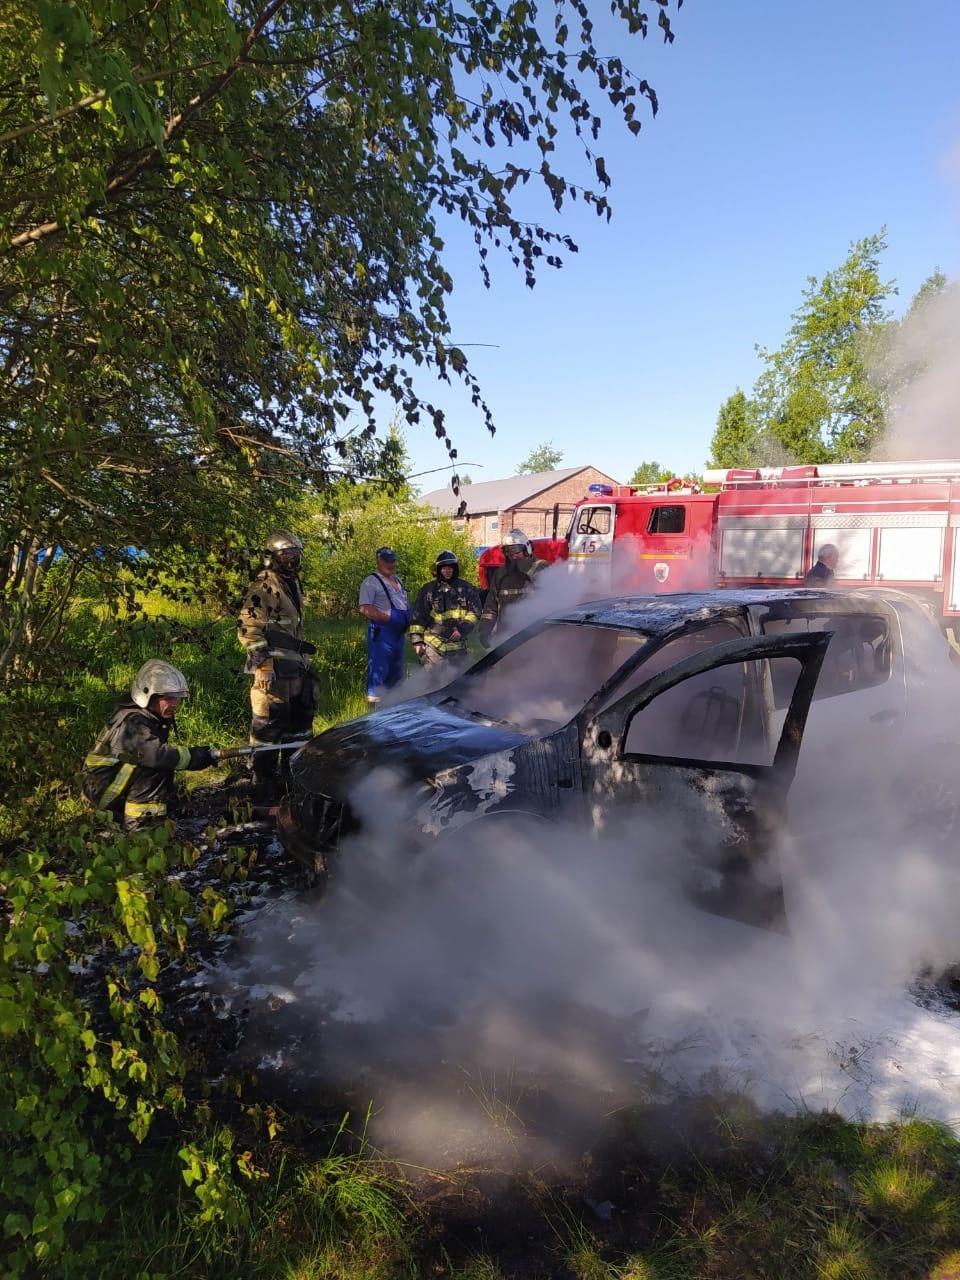 Пожарно-спасательные подразделения ликвидировали пожар в Сортавальском районе.